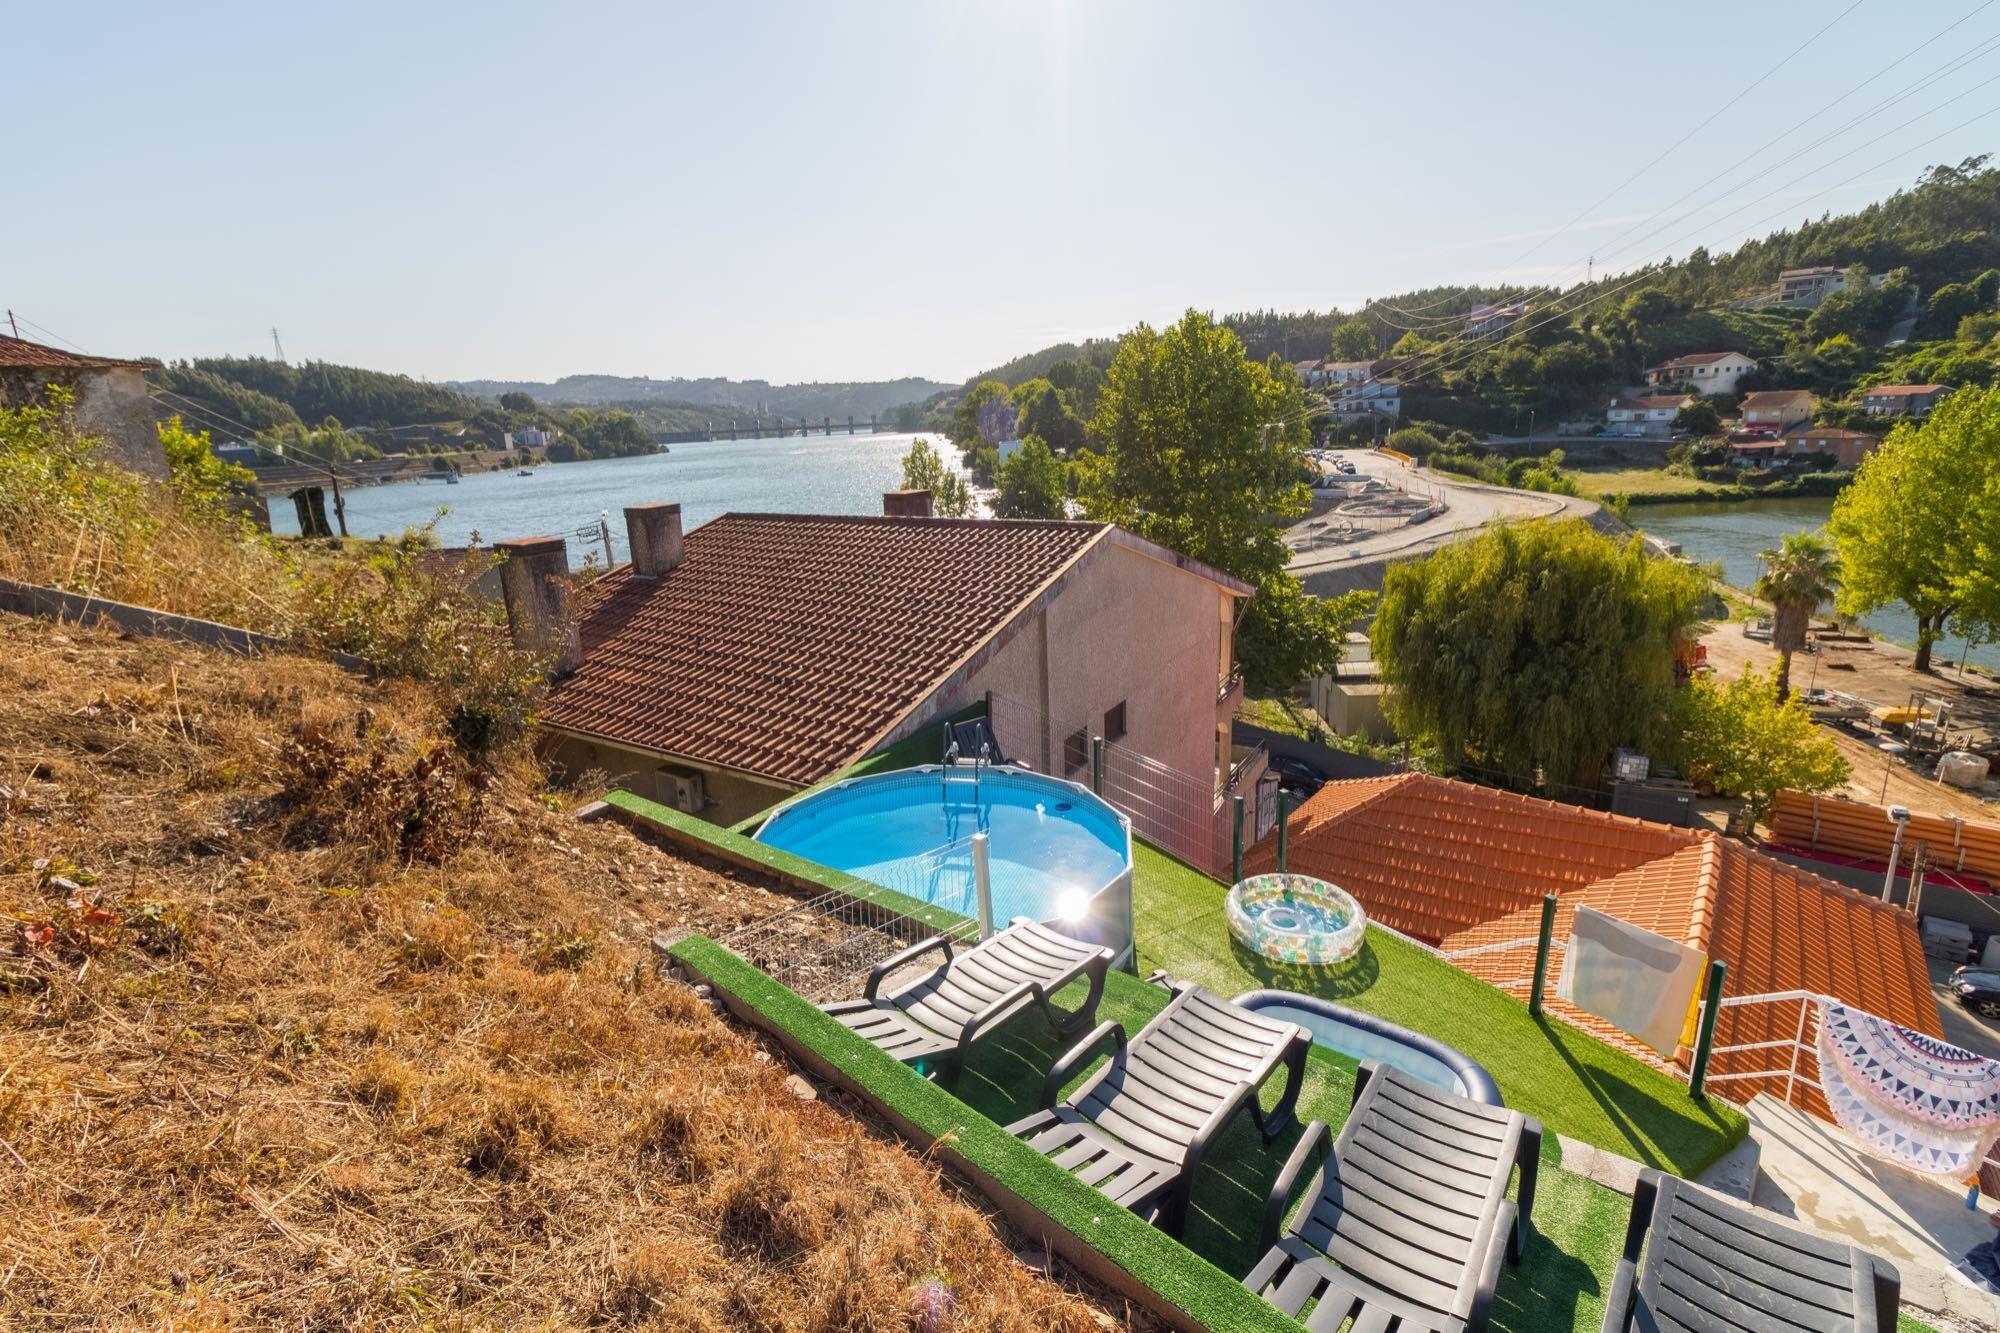 Casa de férias junto ao Rio Douro e à mariana Angra Douro e à barragem